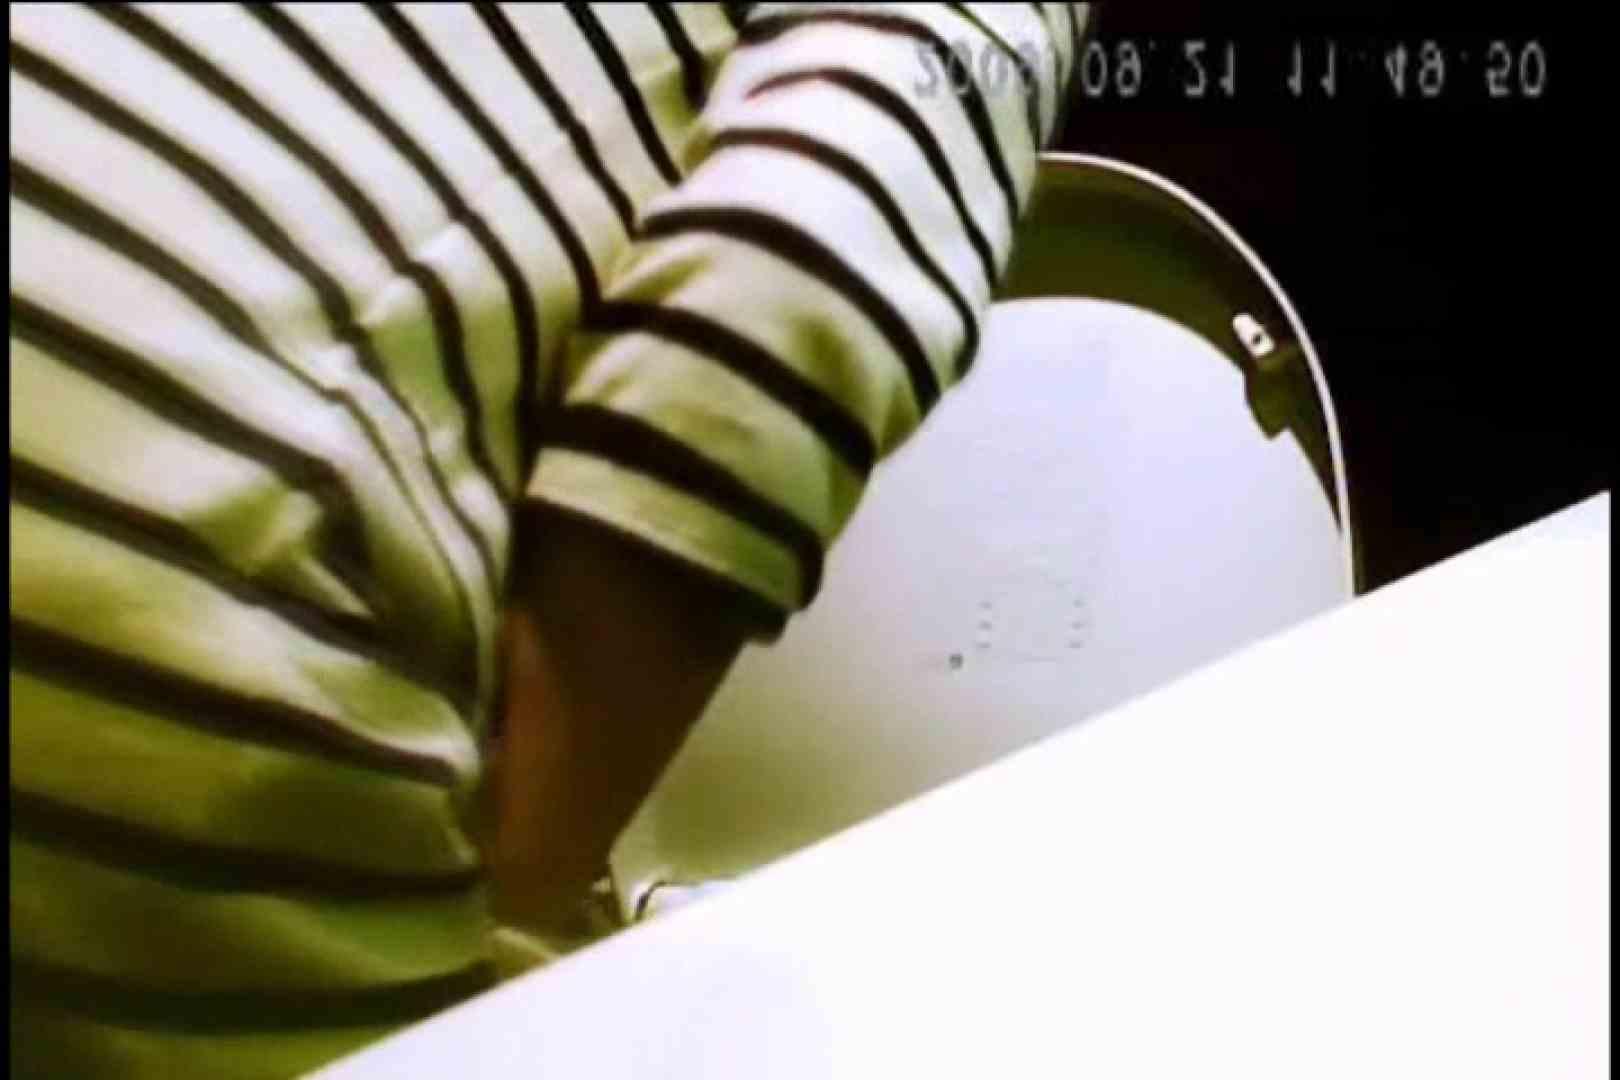 亀さんかわや VIPバージョン! vol.21 黄金水 AV動画キャプチャ 78PIX 69